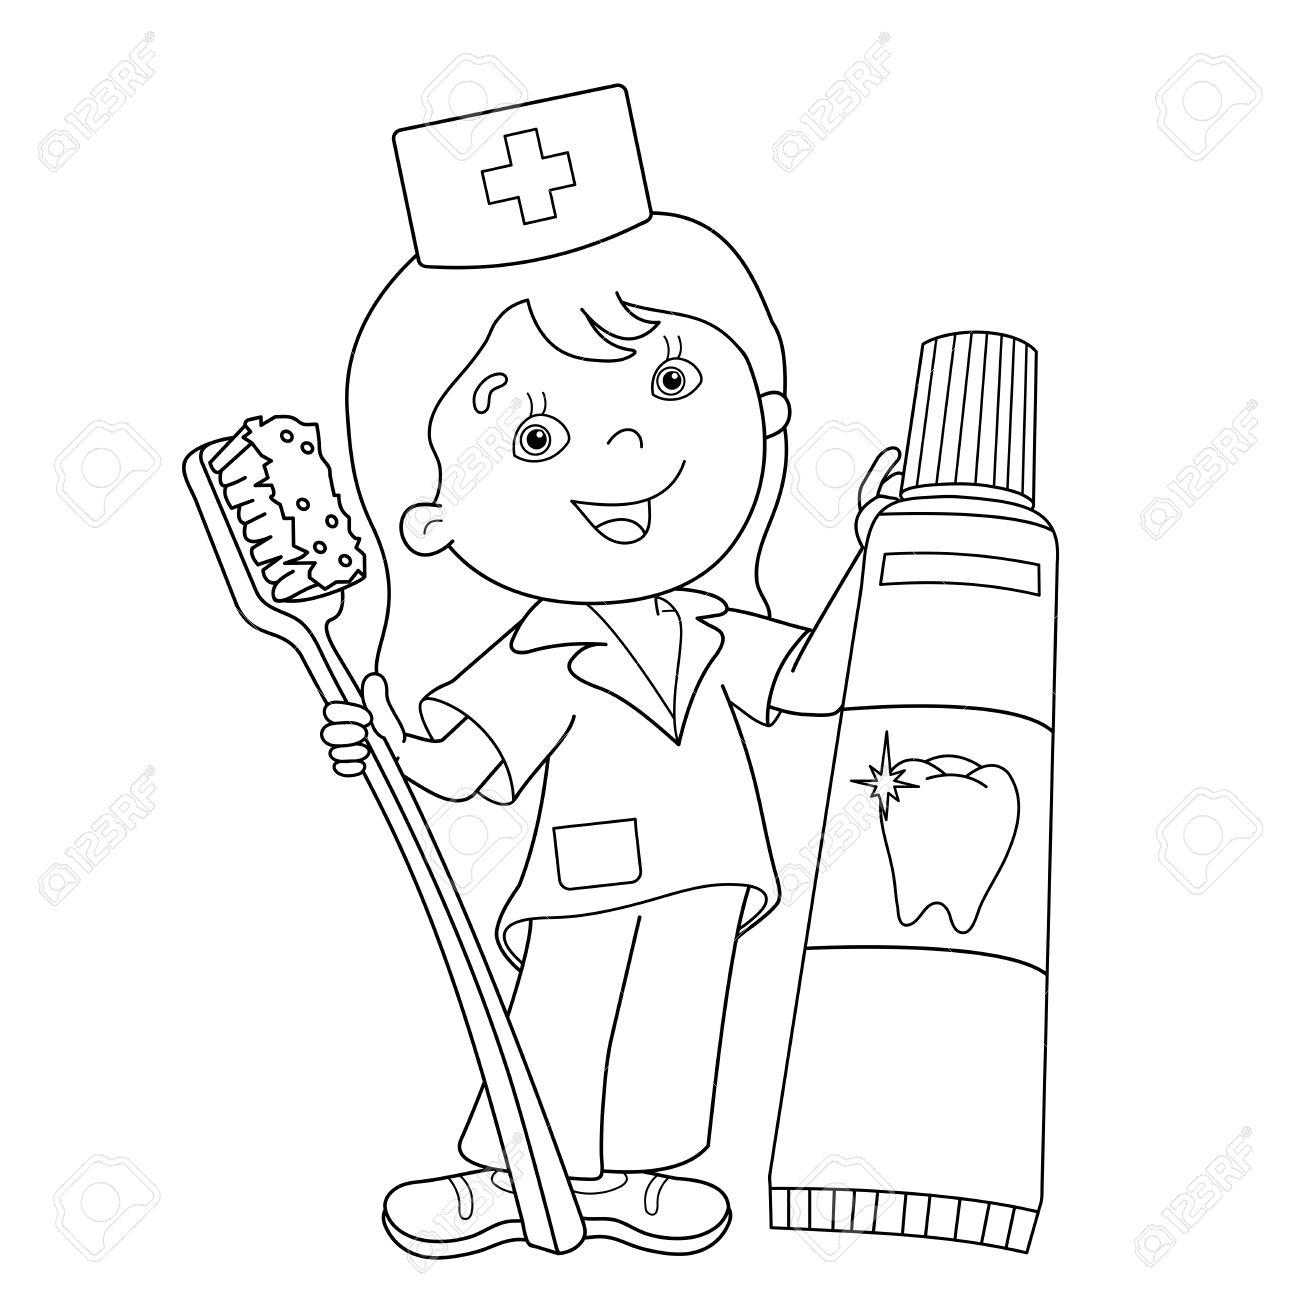 Página Para Colorear Esquema De Dibujos Animados Médico Con El Cepillo De Dientes Y Pasta De Dientes Profesión Medicina Libro De Colorear Para